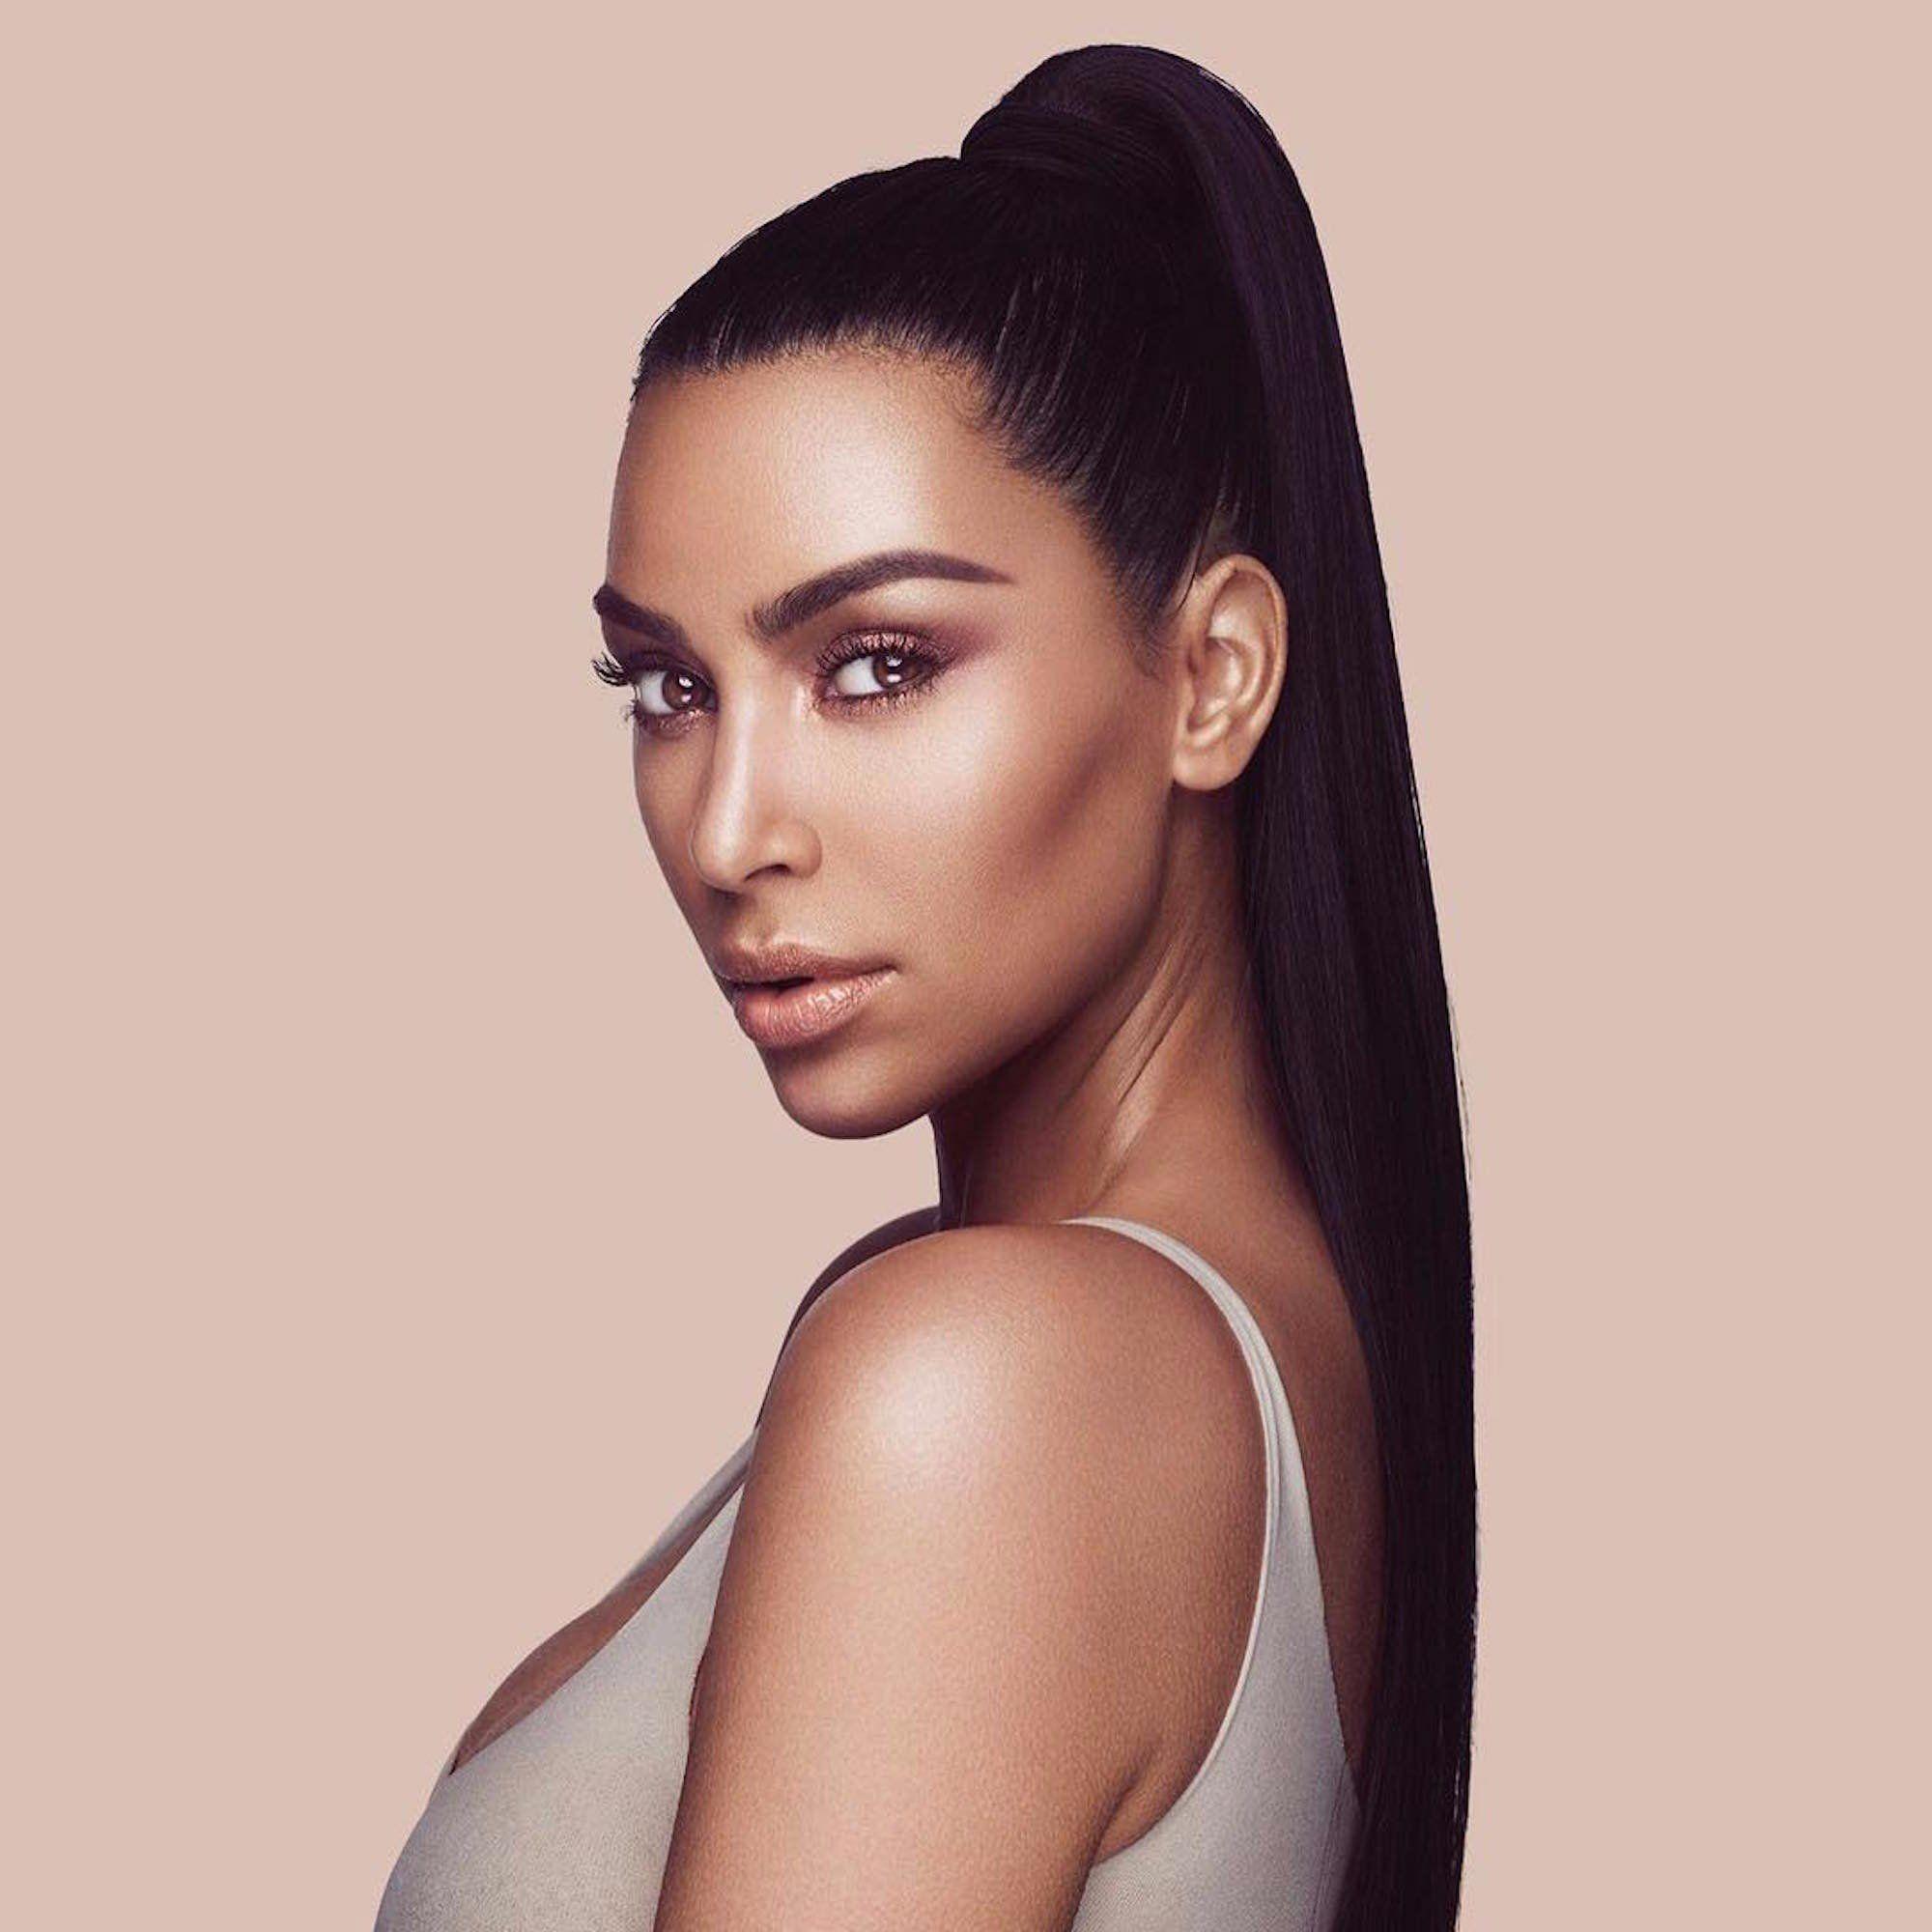 Kim Kardashian West on Instagram: Im using the